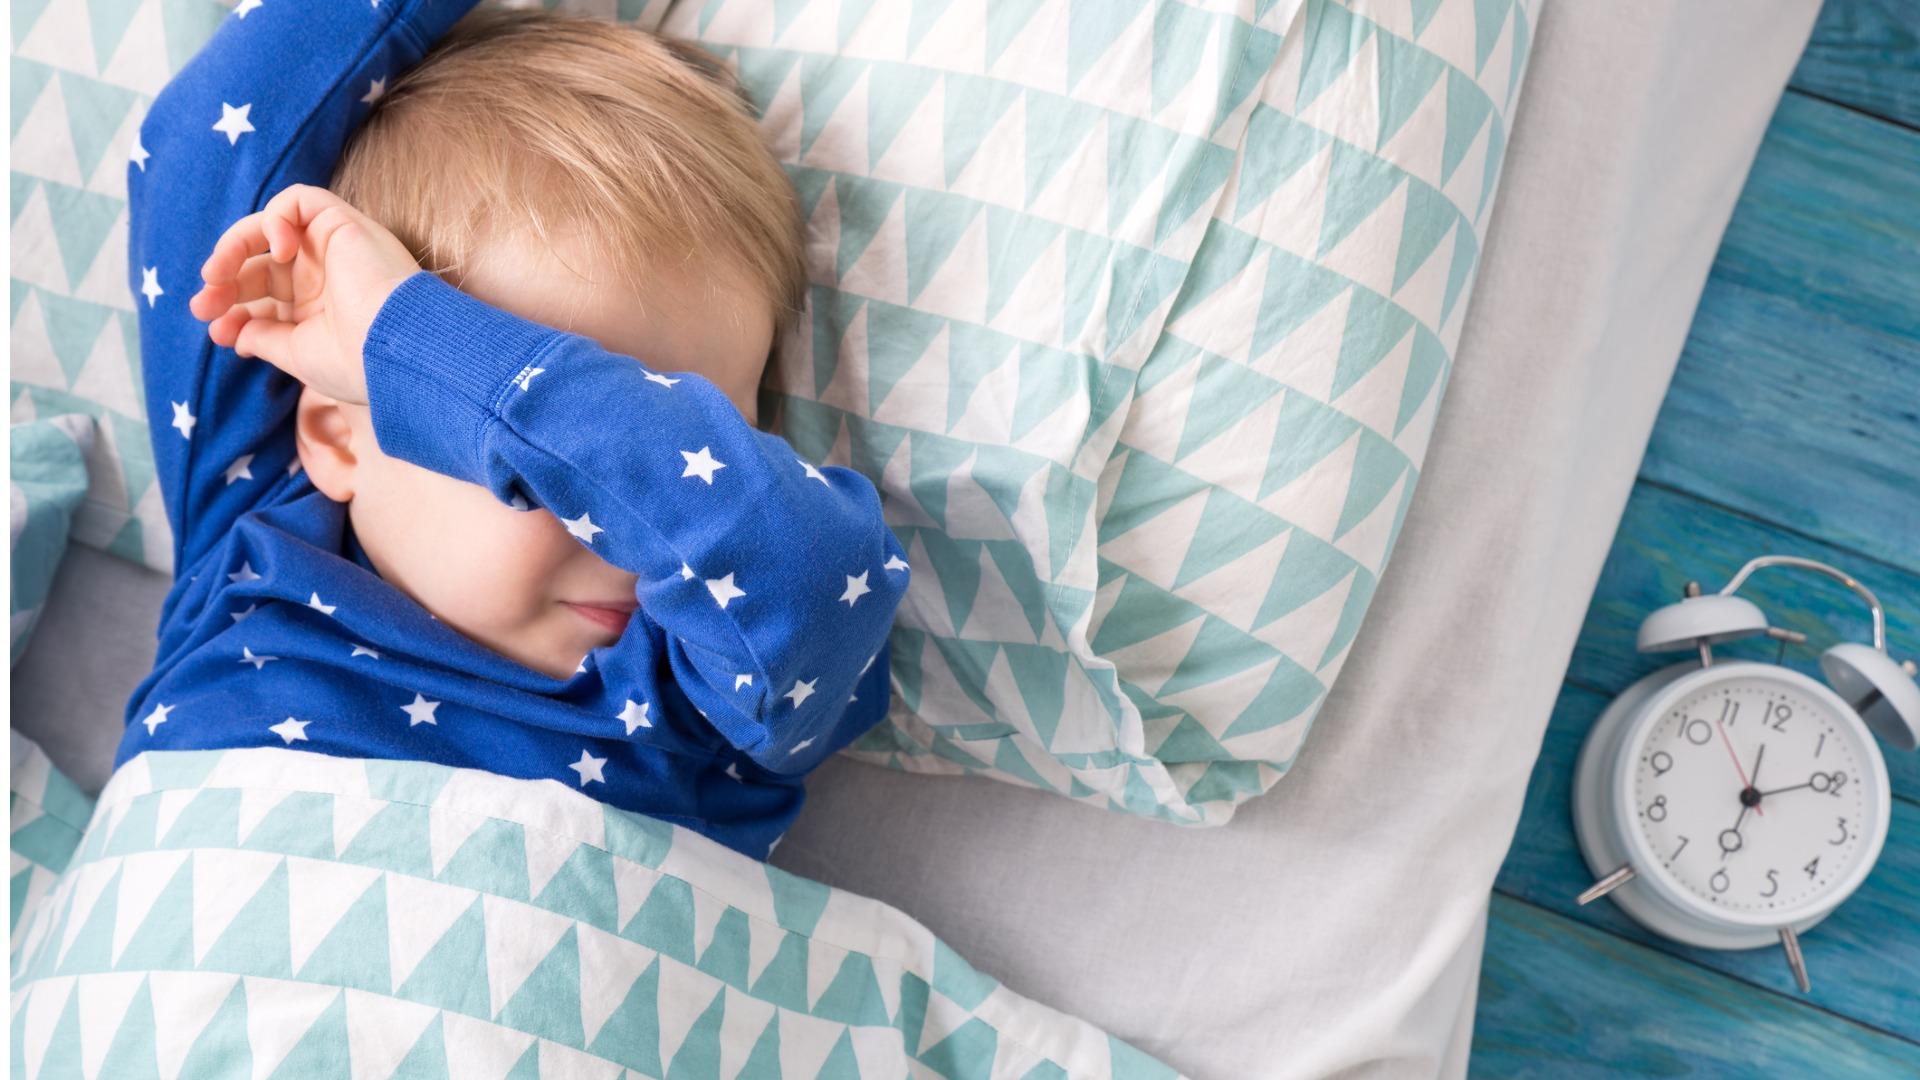 Dormir mejor para aprender más